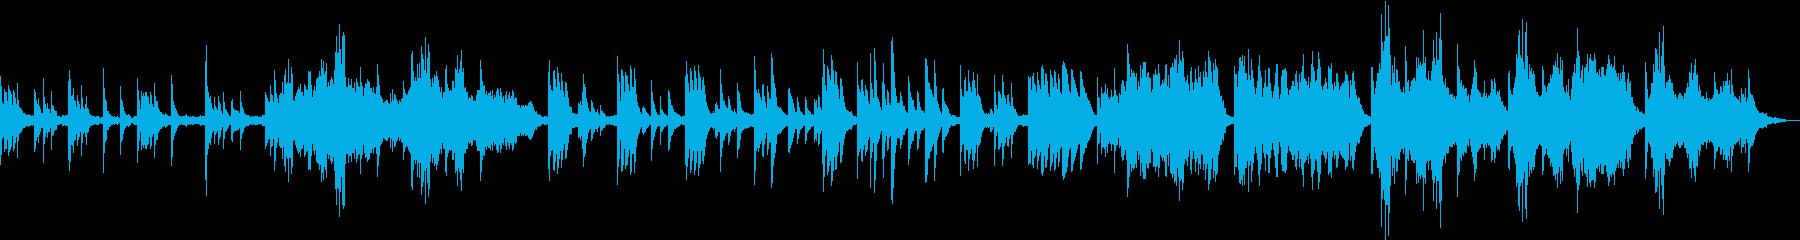 神秘的な雰囲気のケルトハープの曲の再生済みの波形